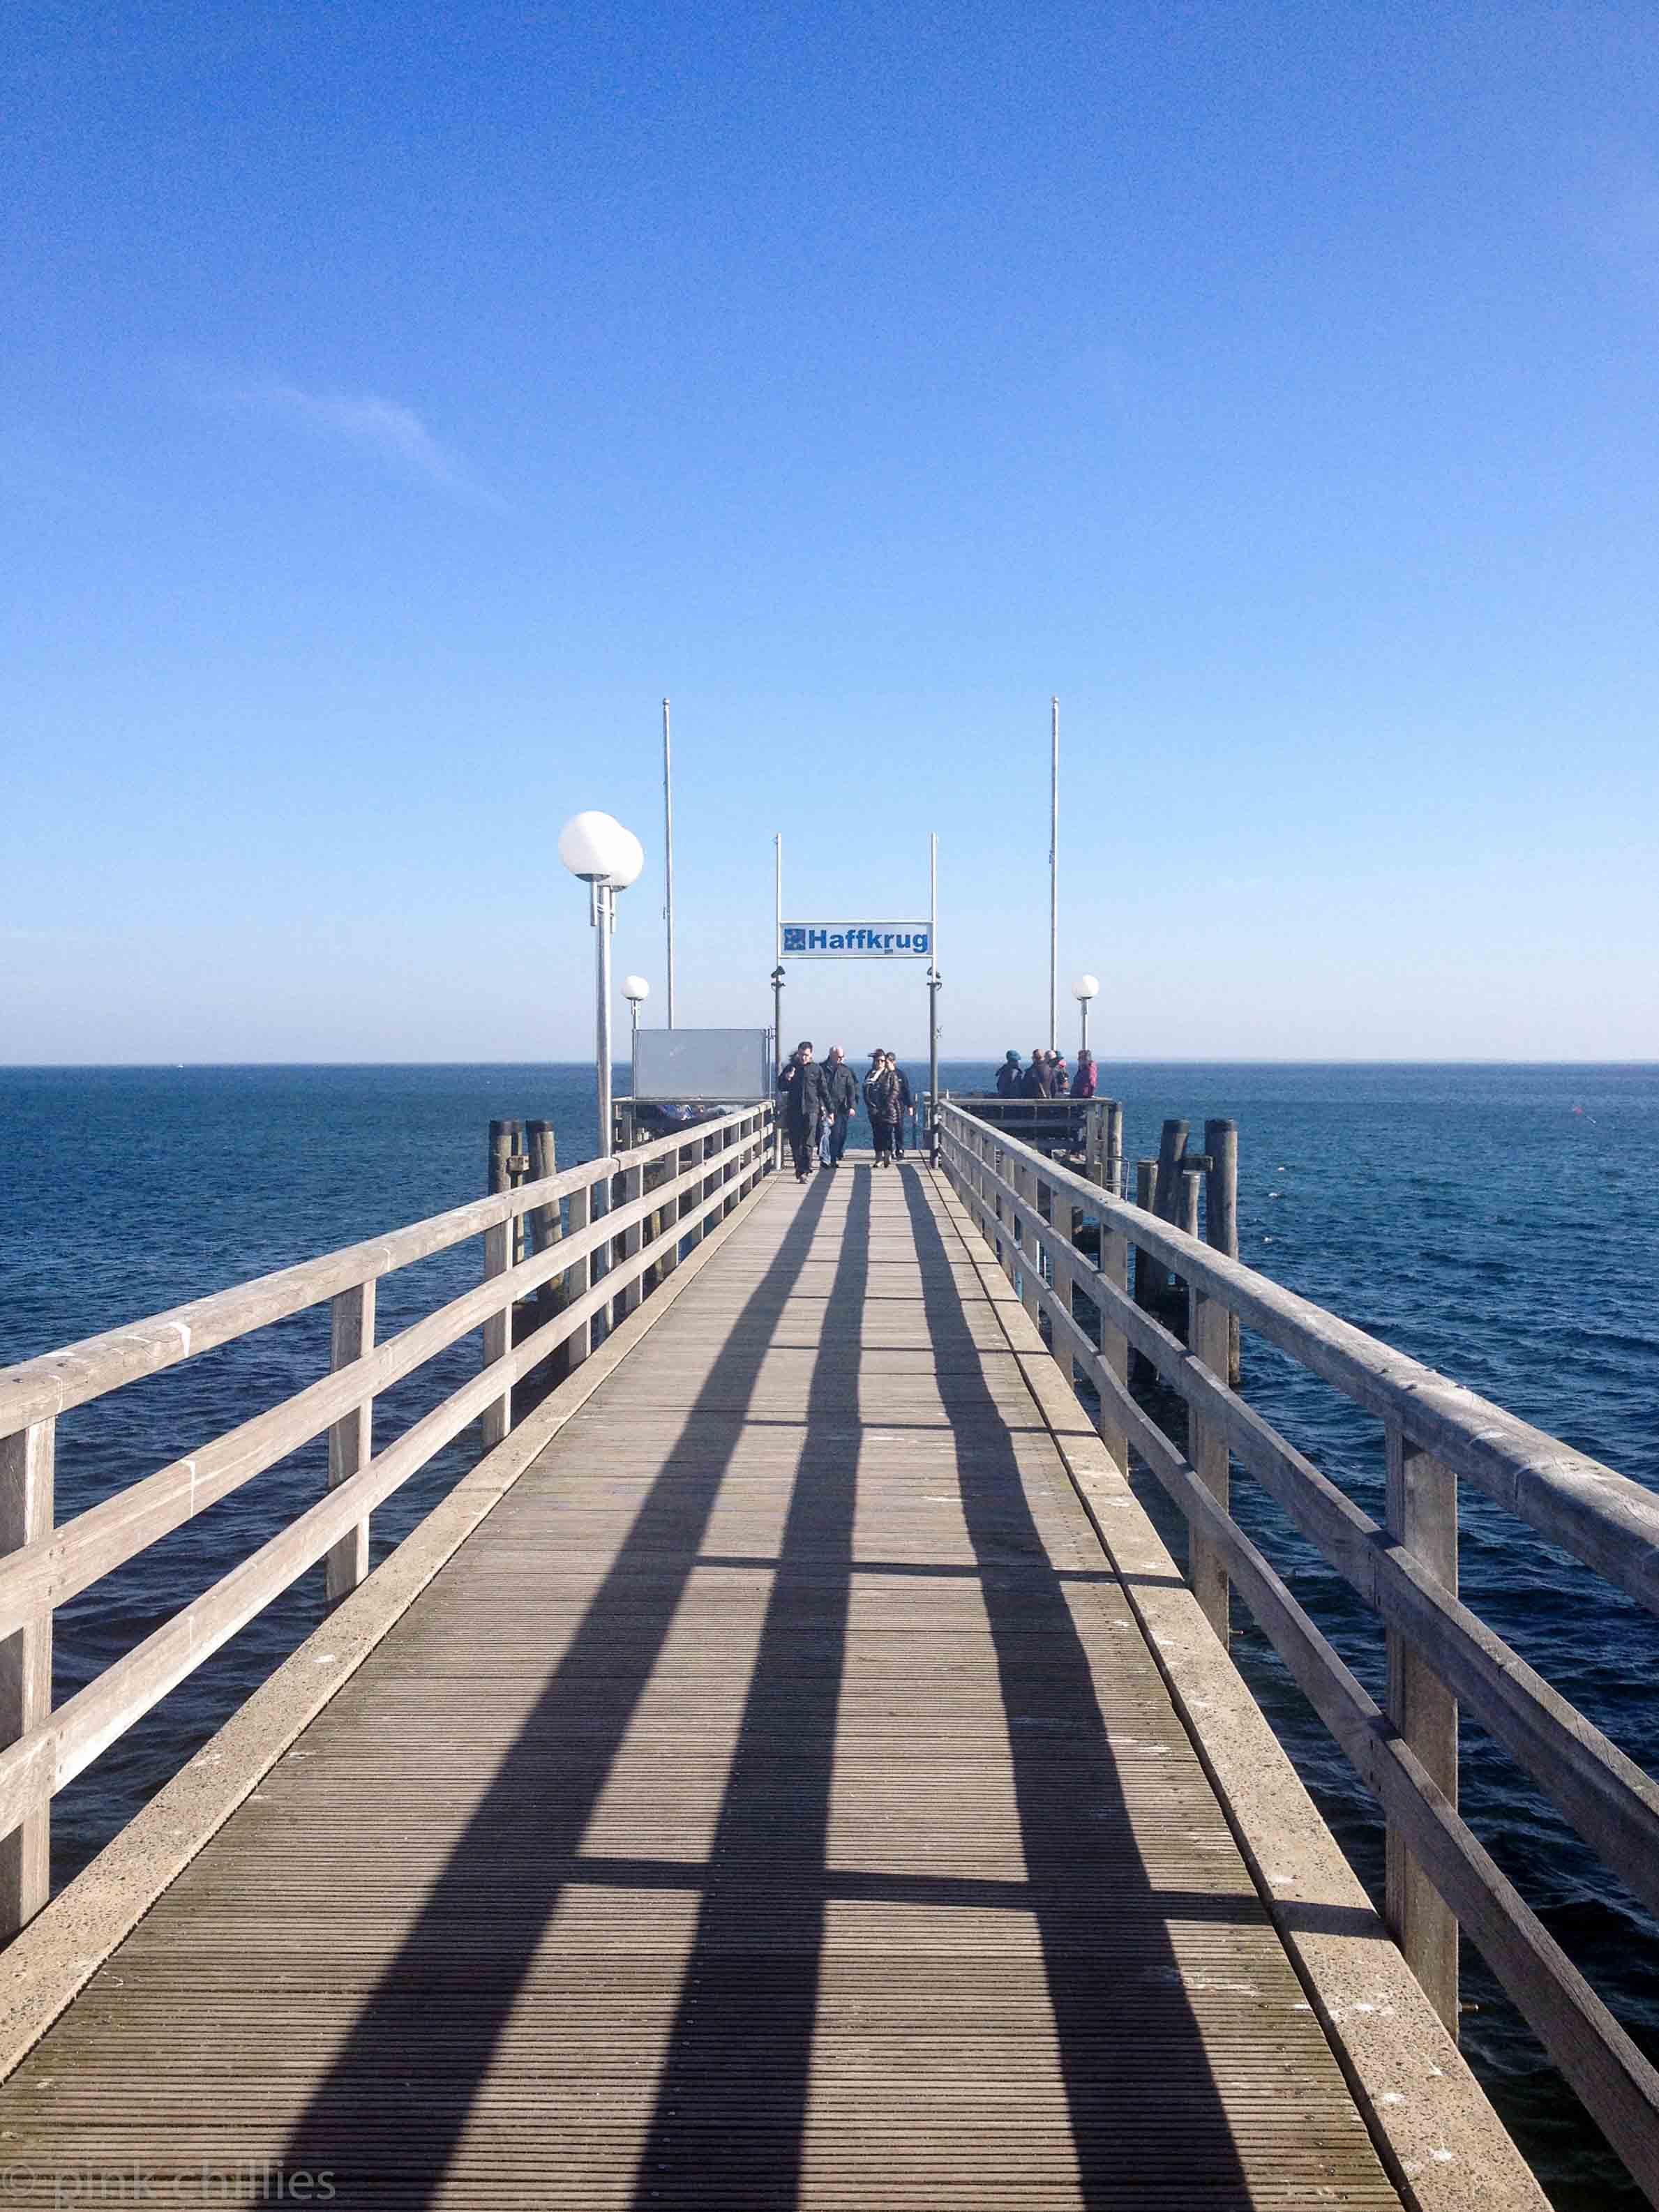 Schiffsanleger Haffkrug Ostsee